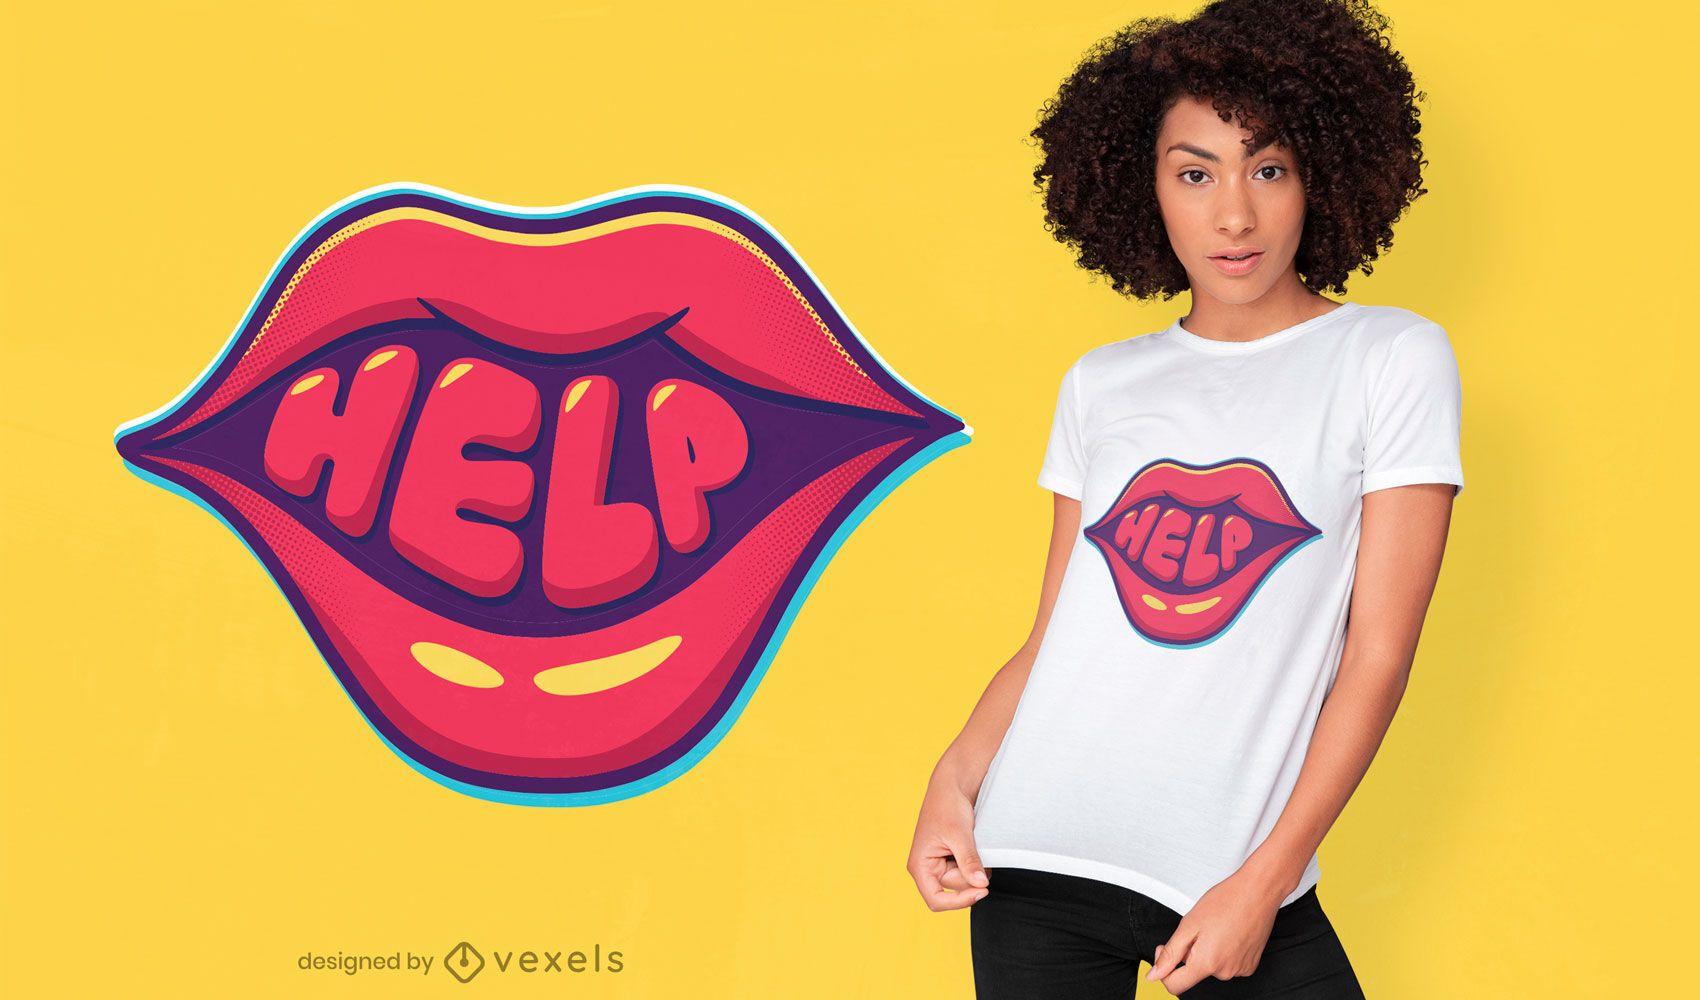 Dise?o de camiseta con letras en negrita de la boca